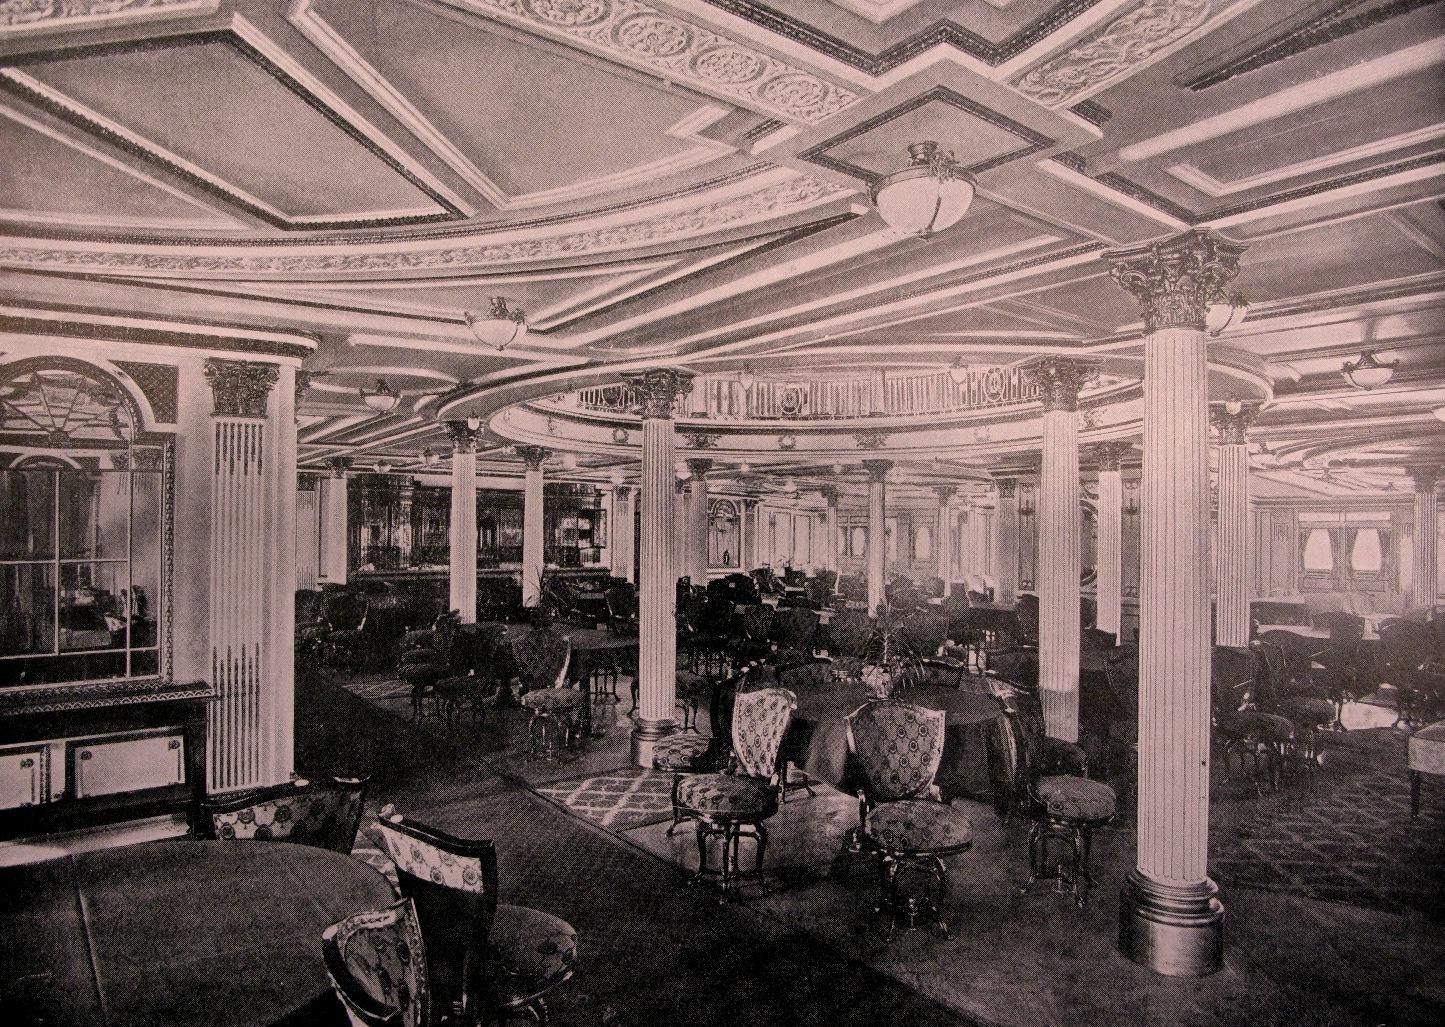 Обеденный зал  первого класса верхней палубы